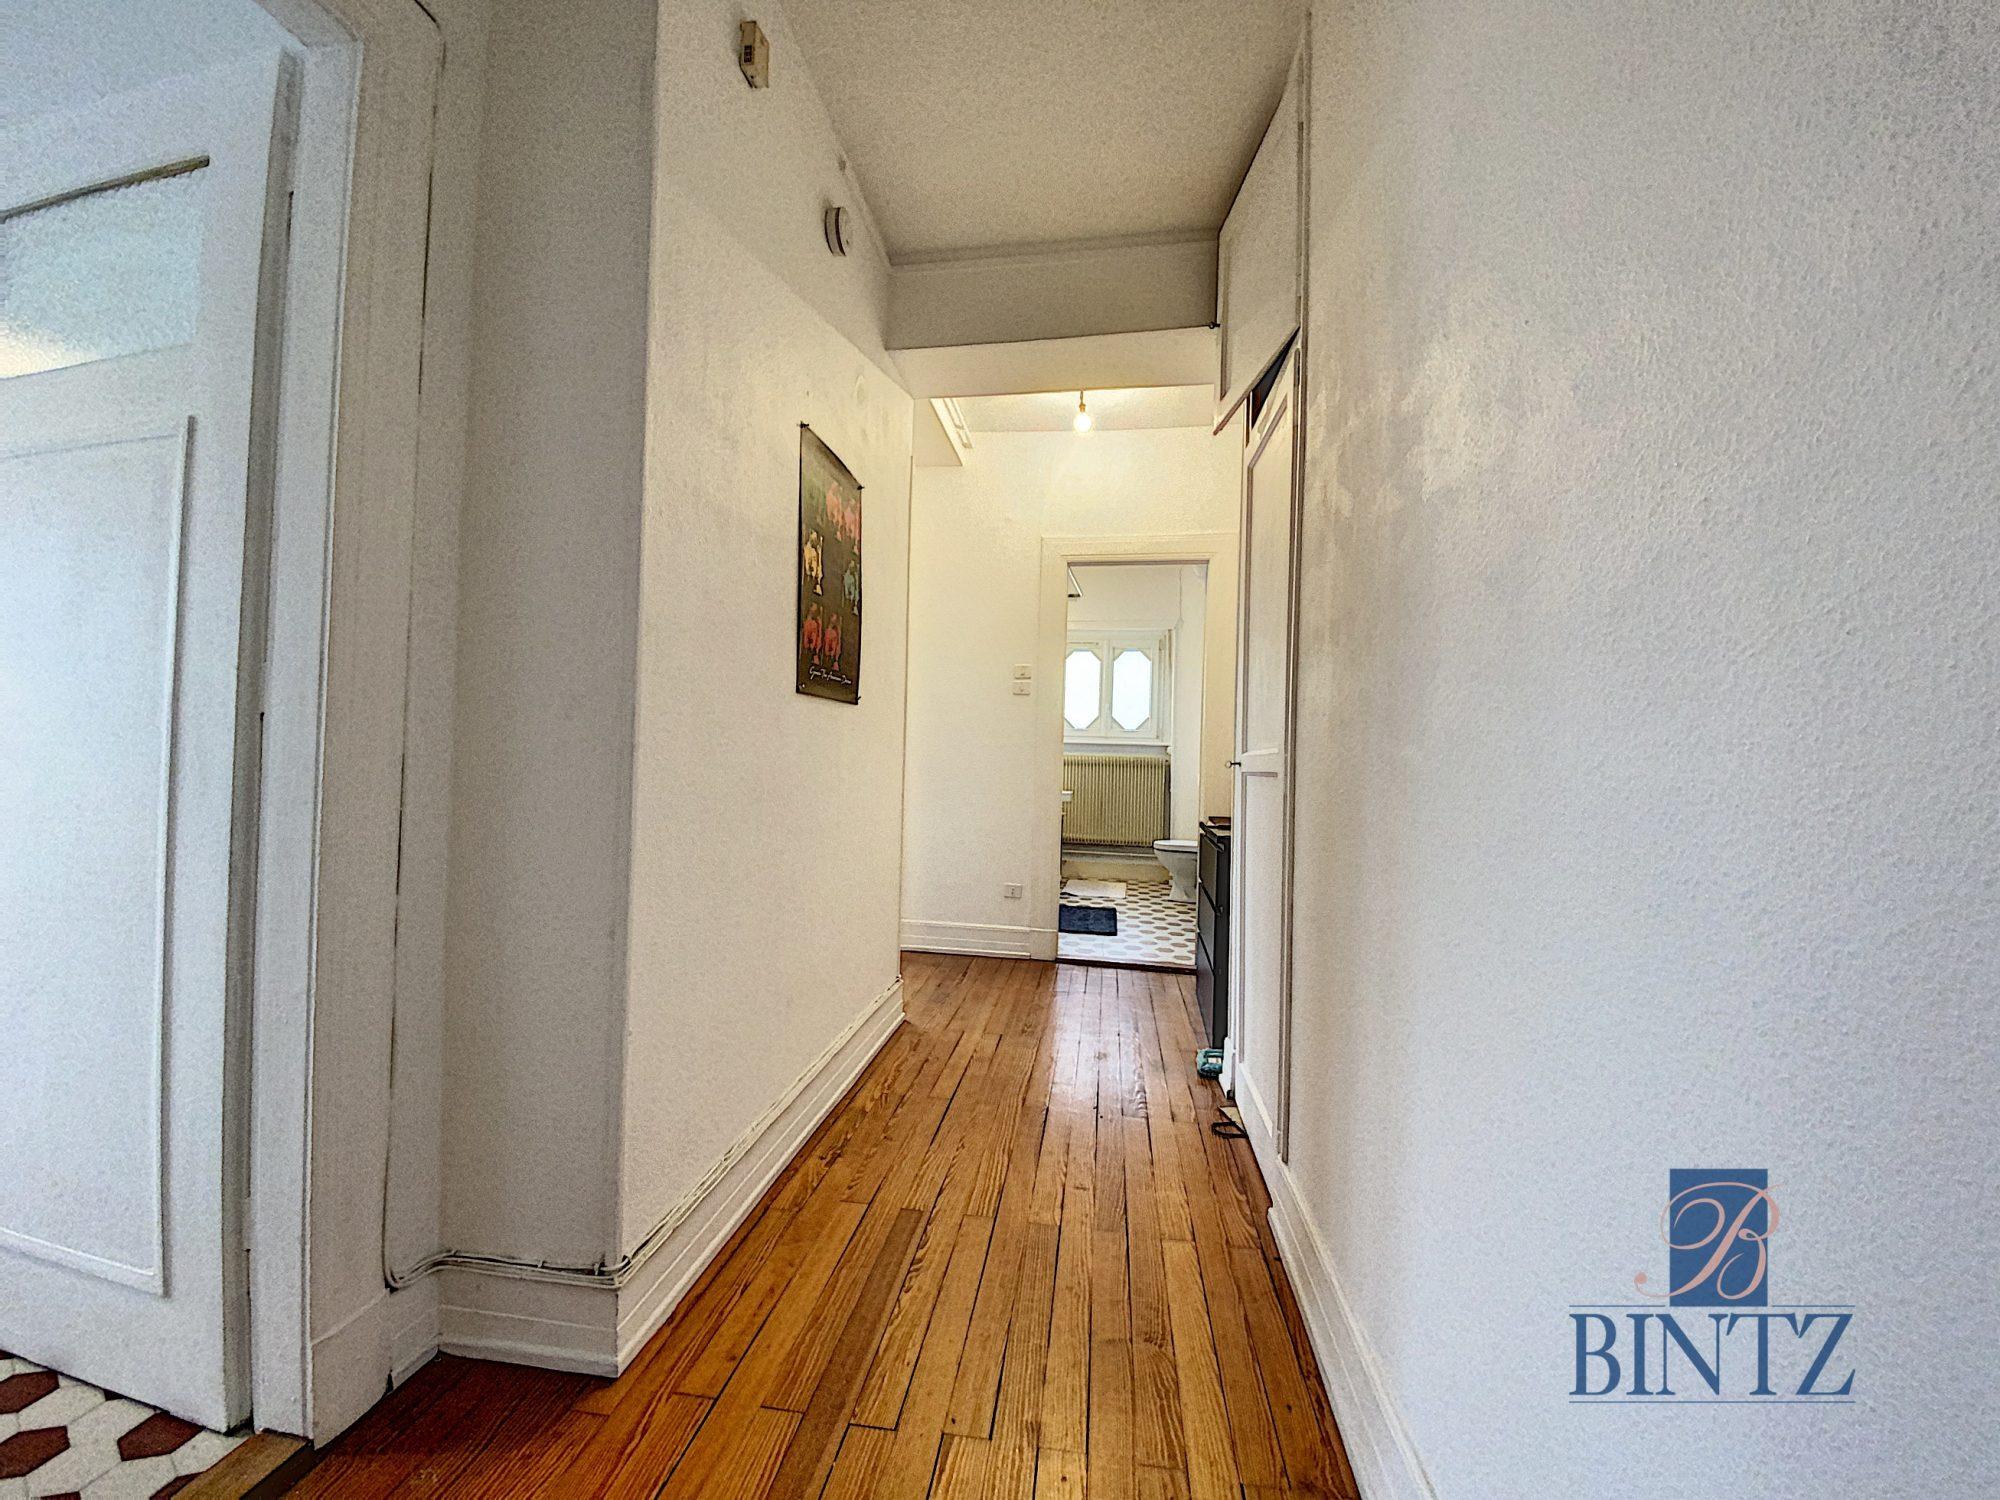 GRAND 1 PIÈCE KRUTENEAU - Devenez locataire en toute sérénité - Bintz Immobilier - 6